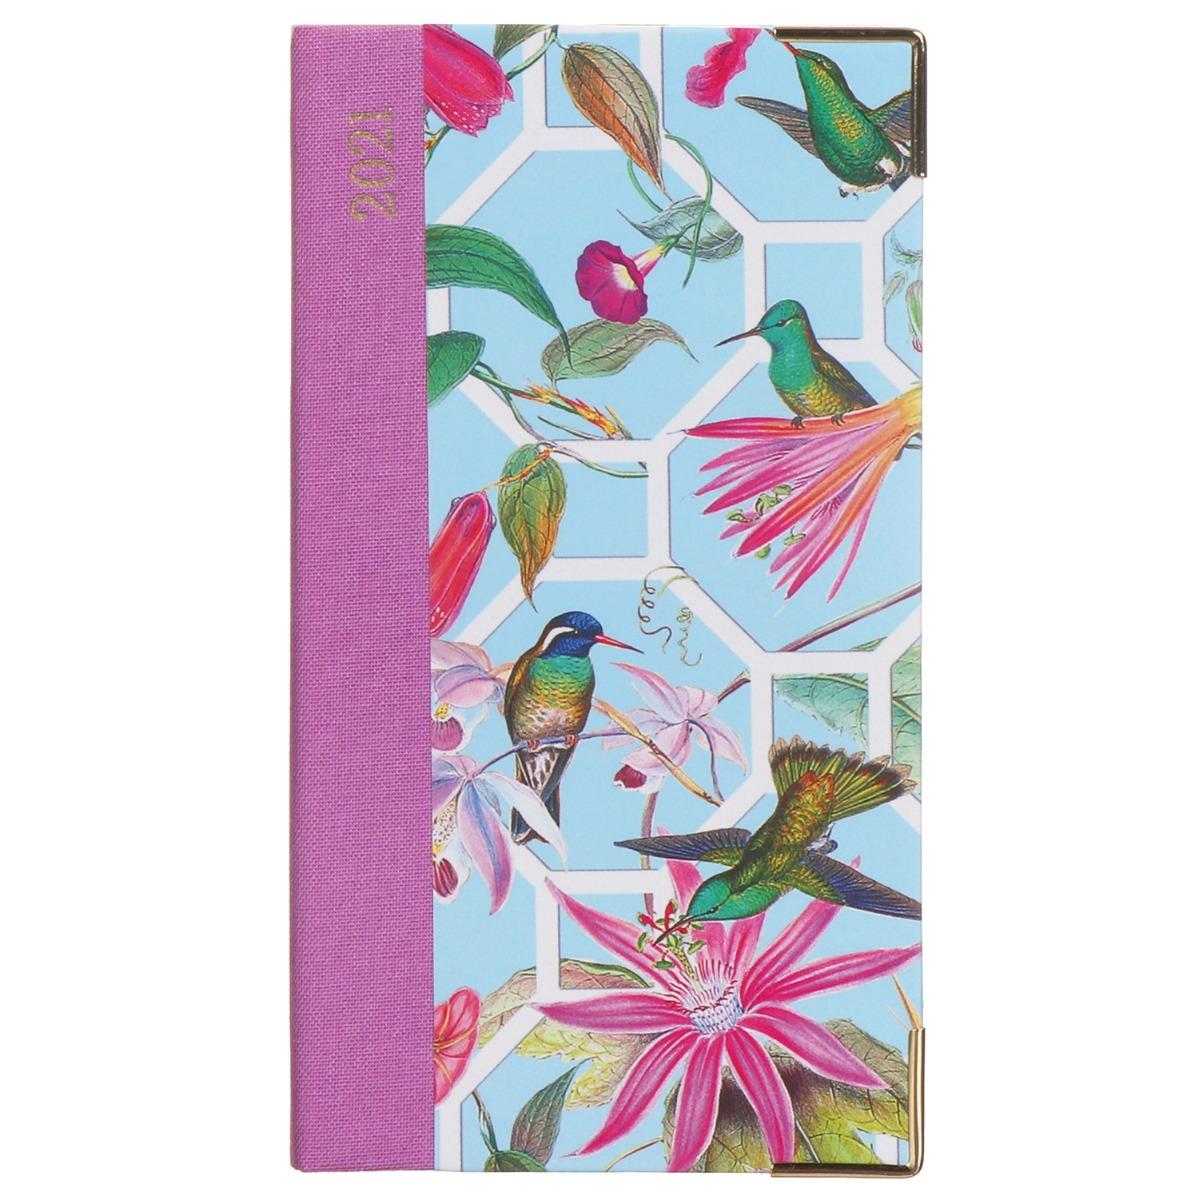 Caspari Hummingbird Trellis 2021 Slim Diary